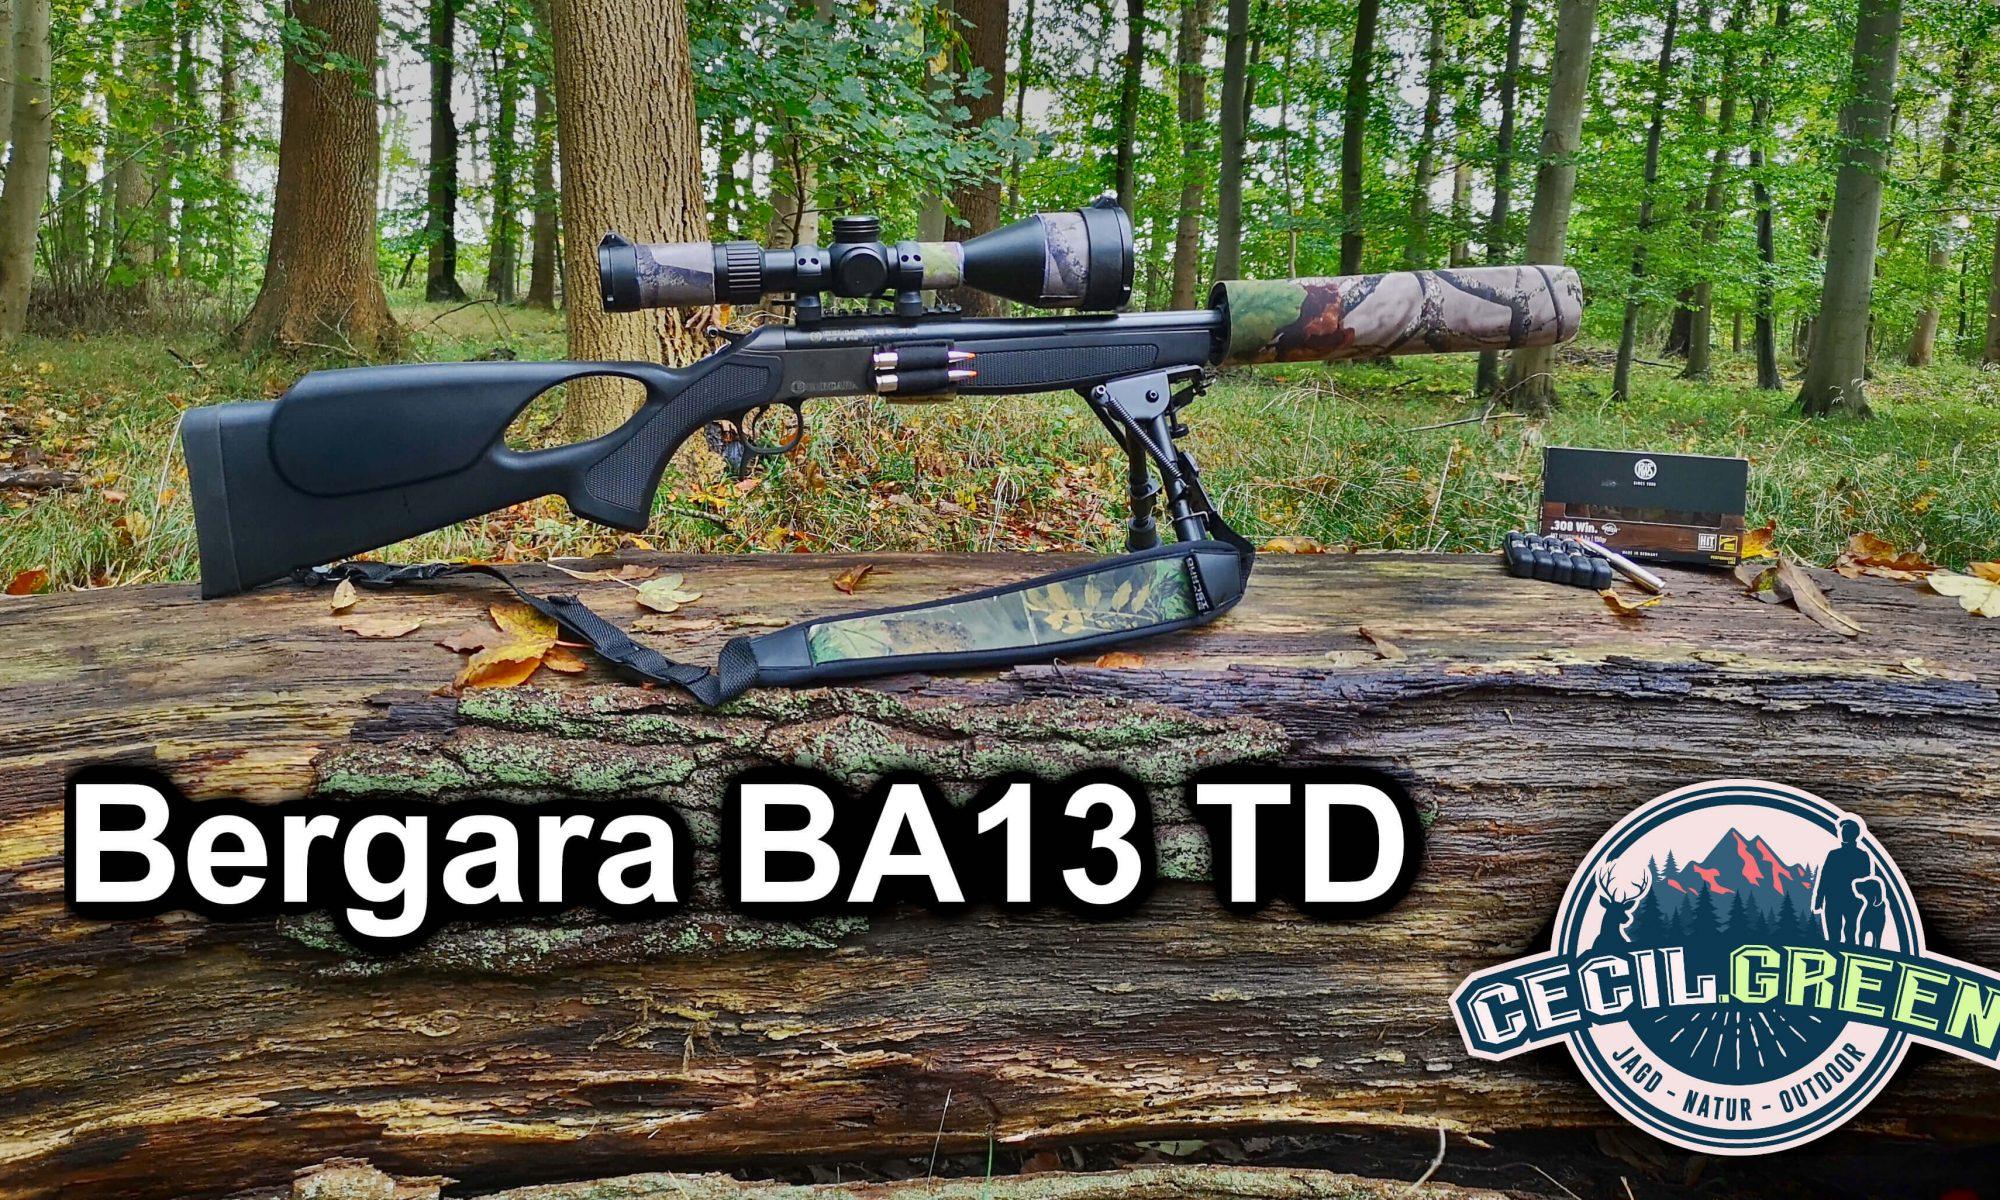 Bergara BA13 TD